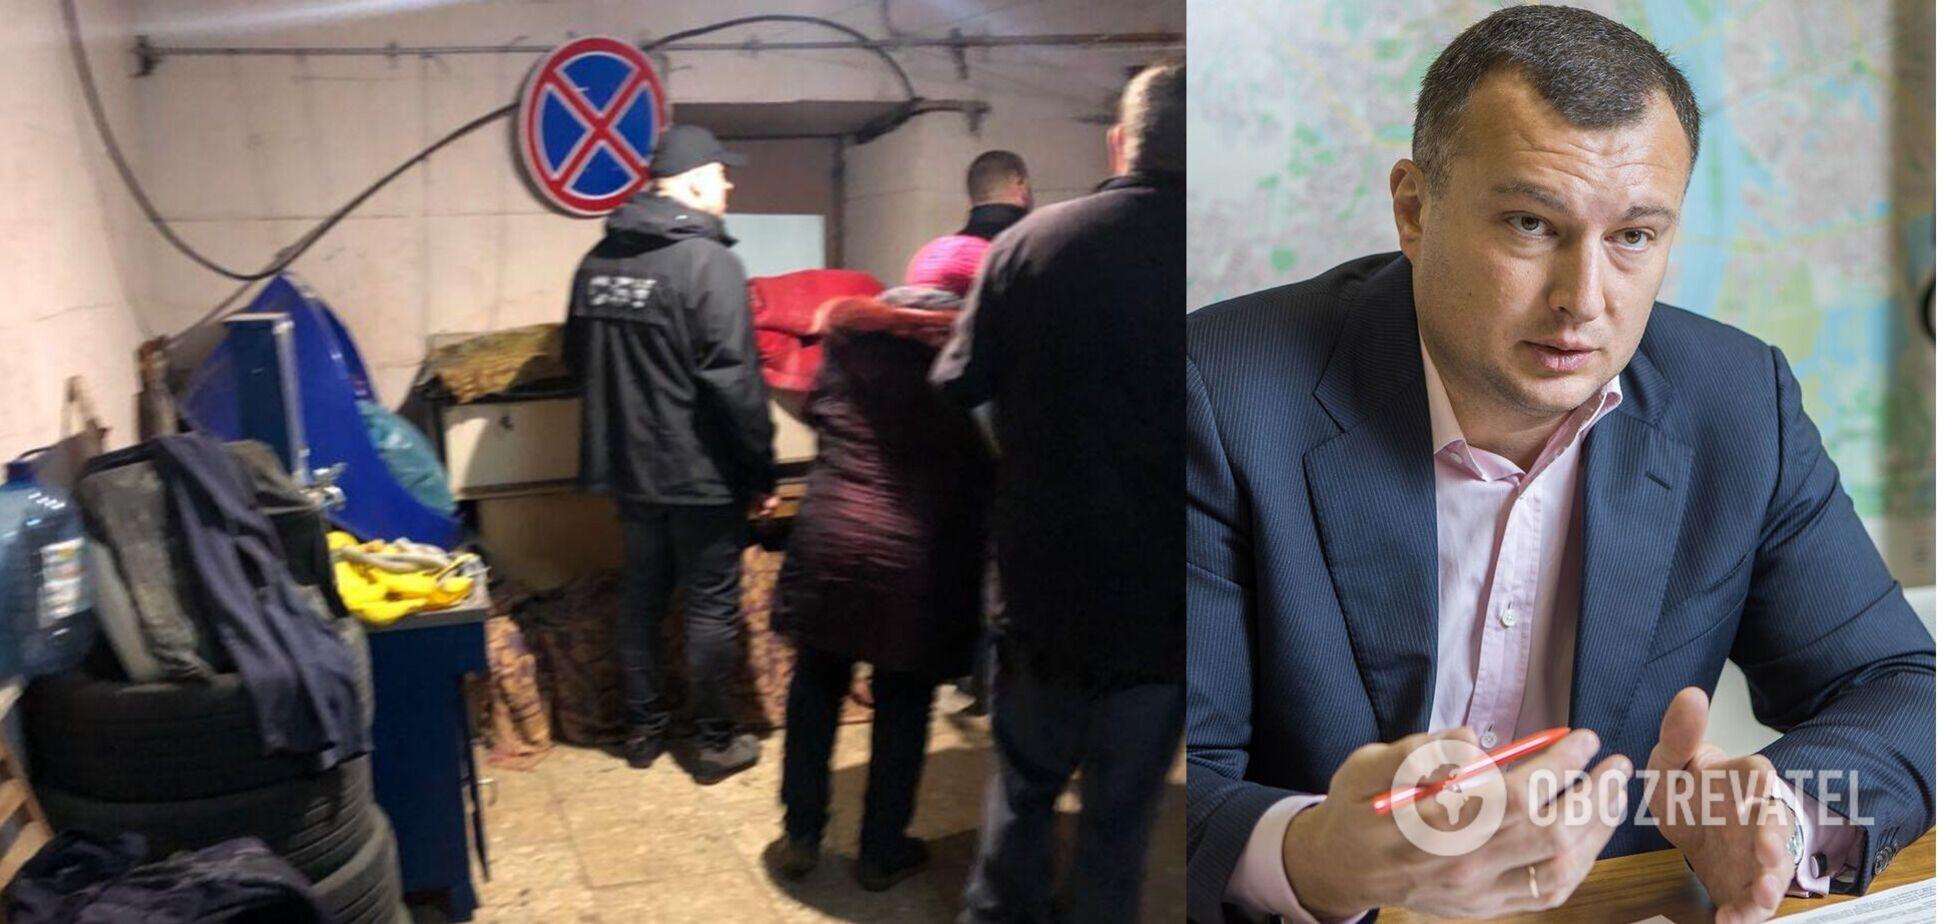 В Украине раскрыто резонансное похищение главы 'Нефтегаздобыча': его 3 года держали в подвале